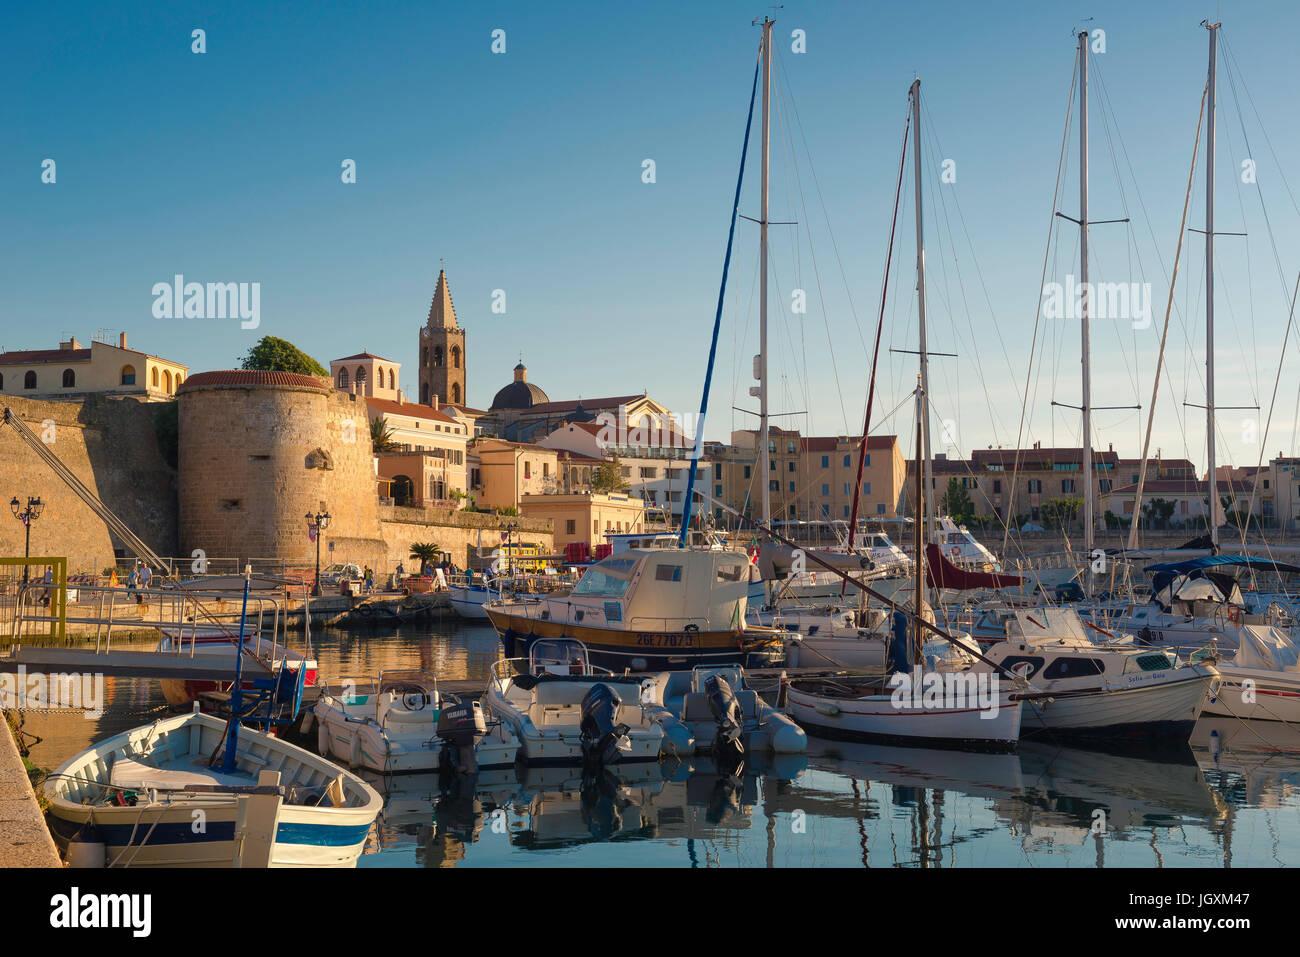 Sardinien-Port Hafen, Blick auf die Skyline von Alghero mit dem Hafen und der Hafen im Vordergrund, Sardinien, Italien. Stockbild